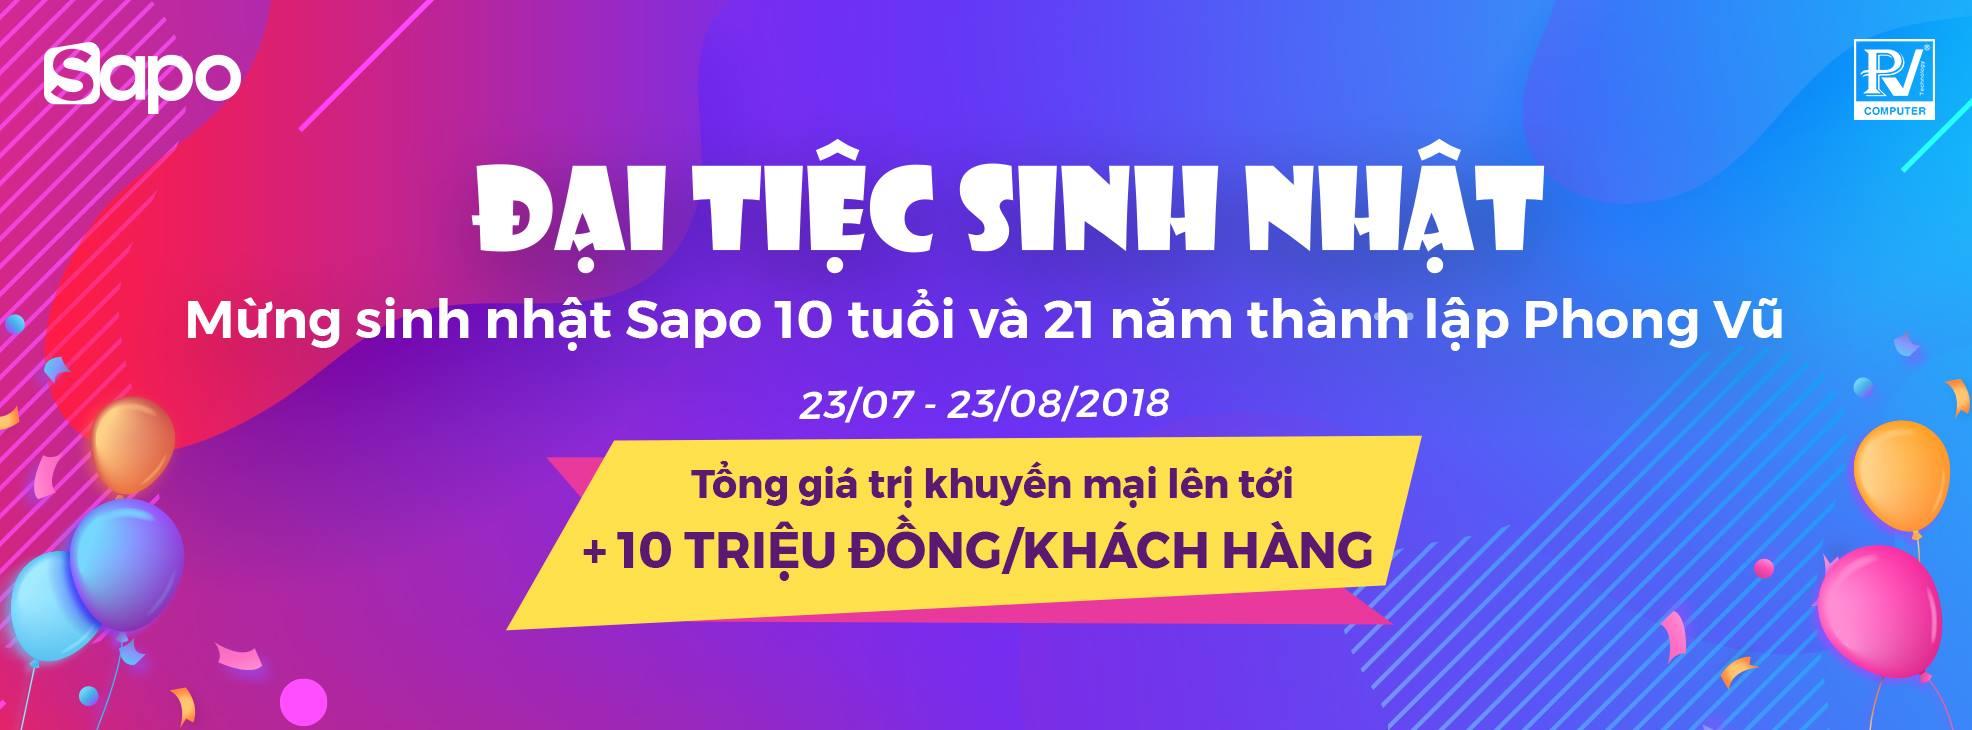 Sapo.vn – Ưu đãi lên tới hơn 7,000,000đ cho mỗi khách hàng